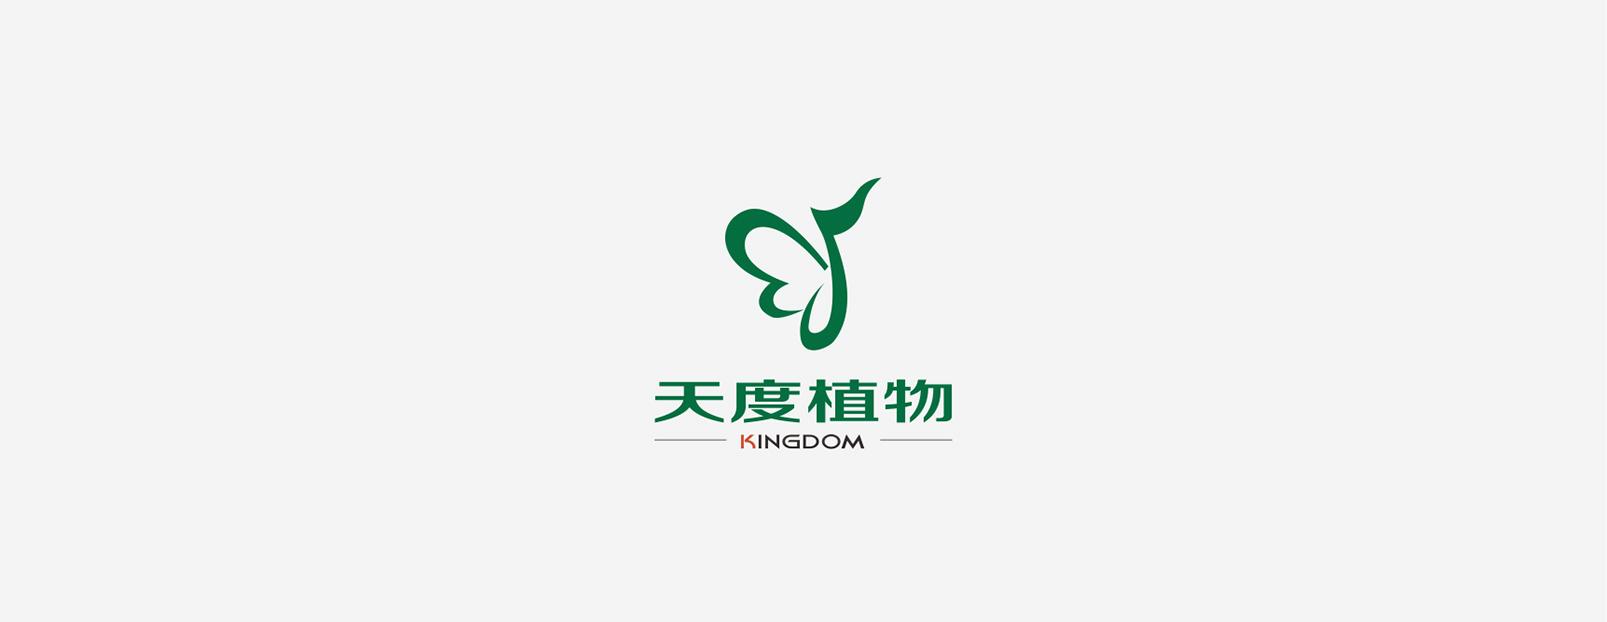 武汉LOGO设计公司,植物LOGO设计